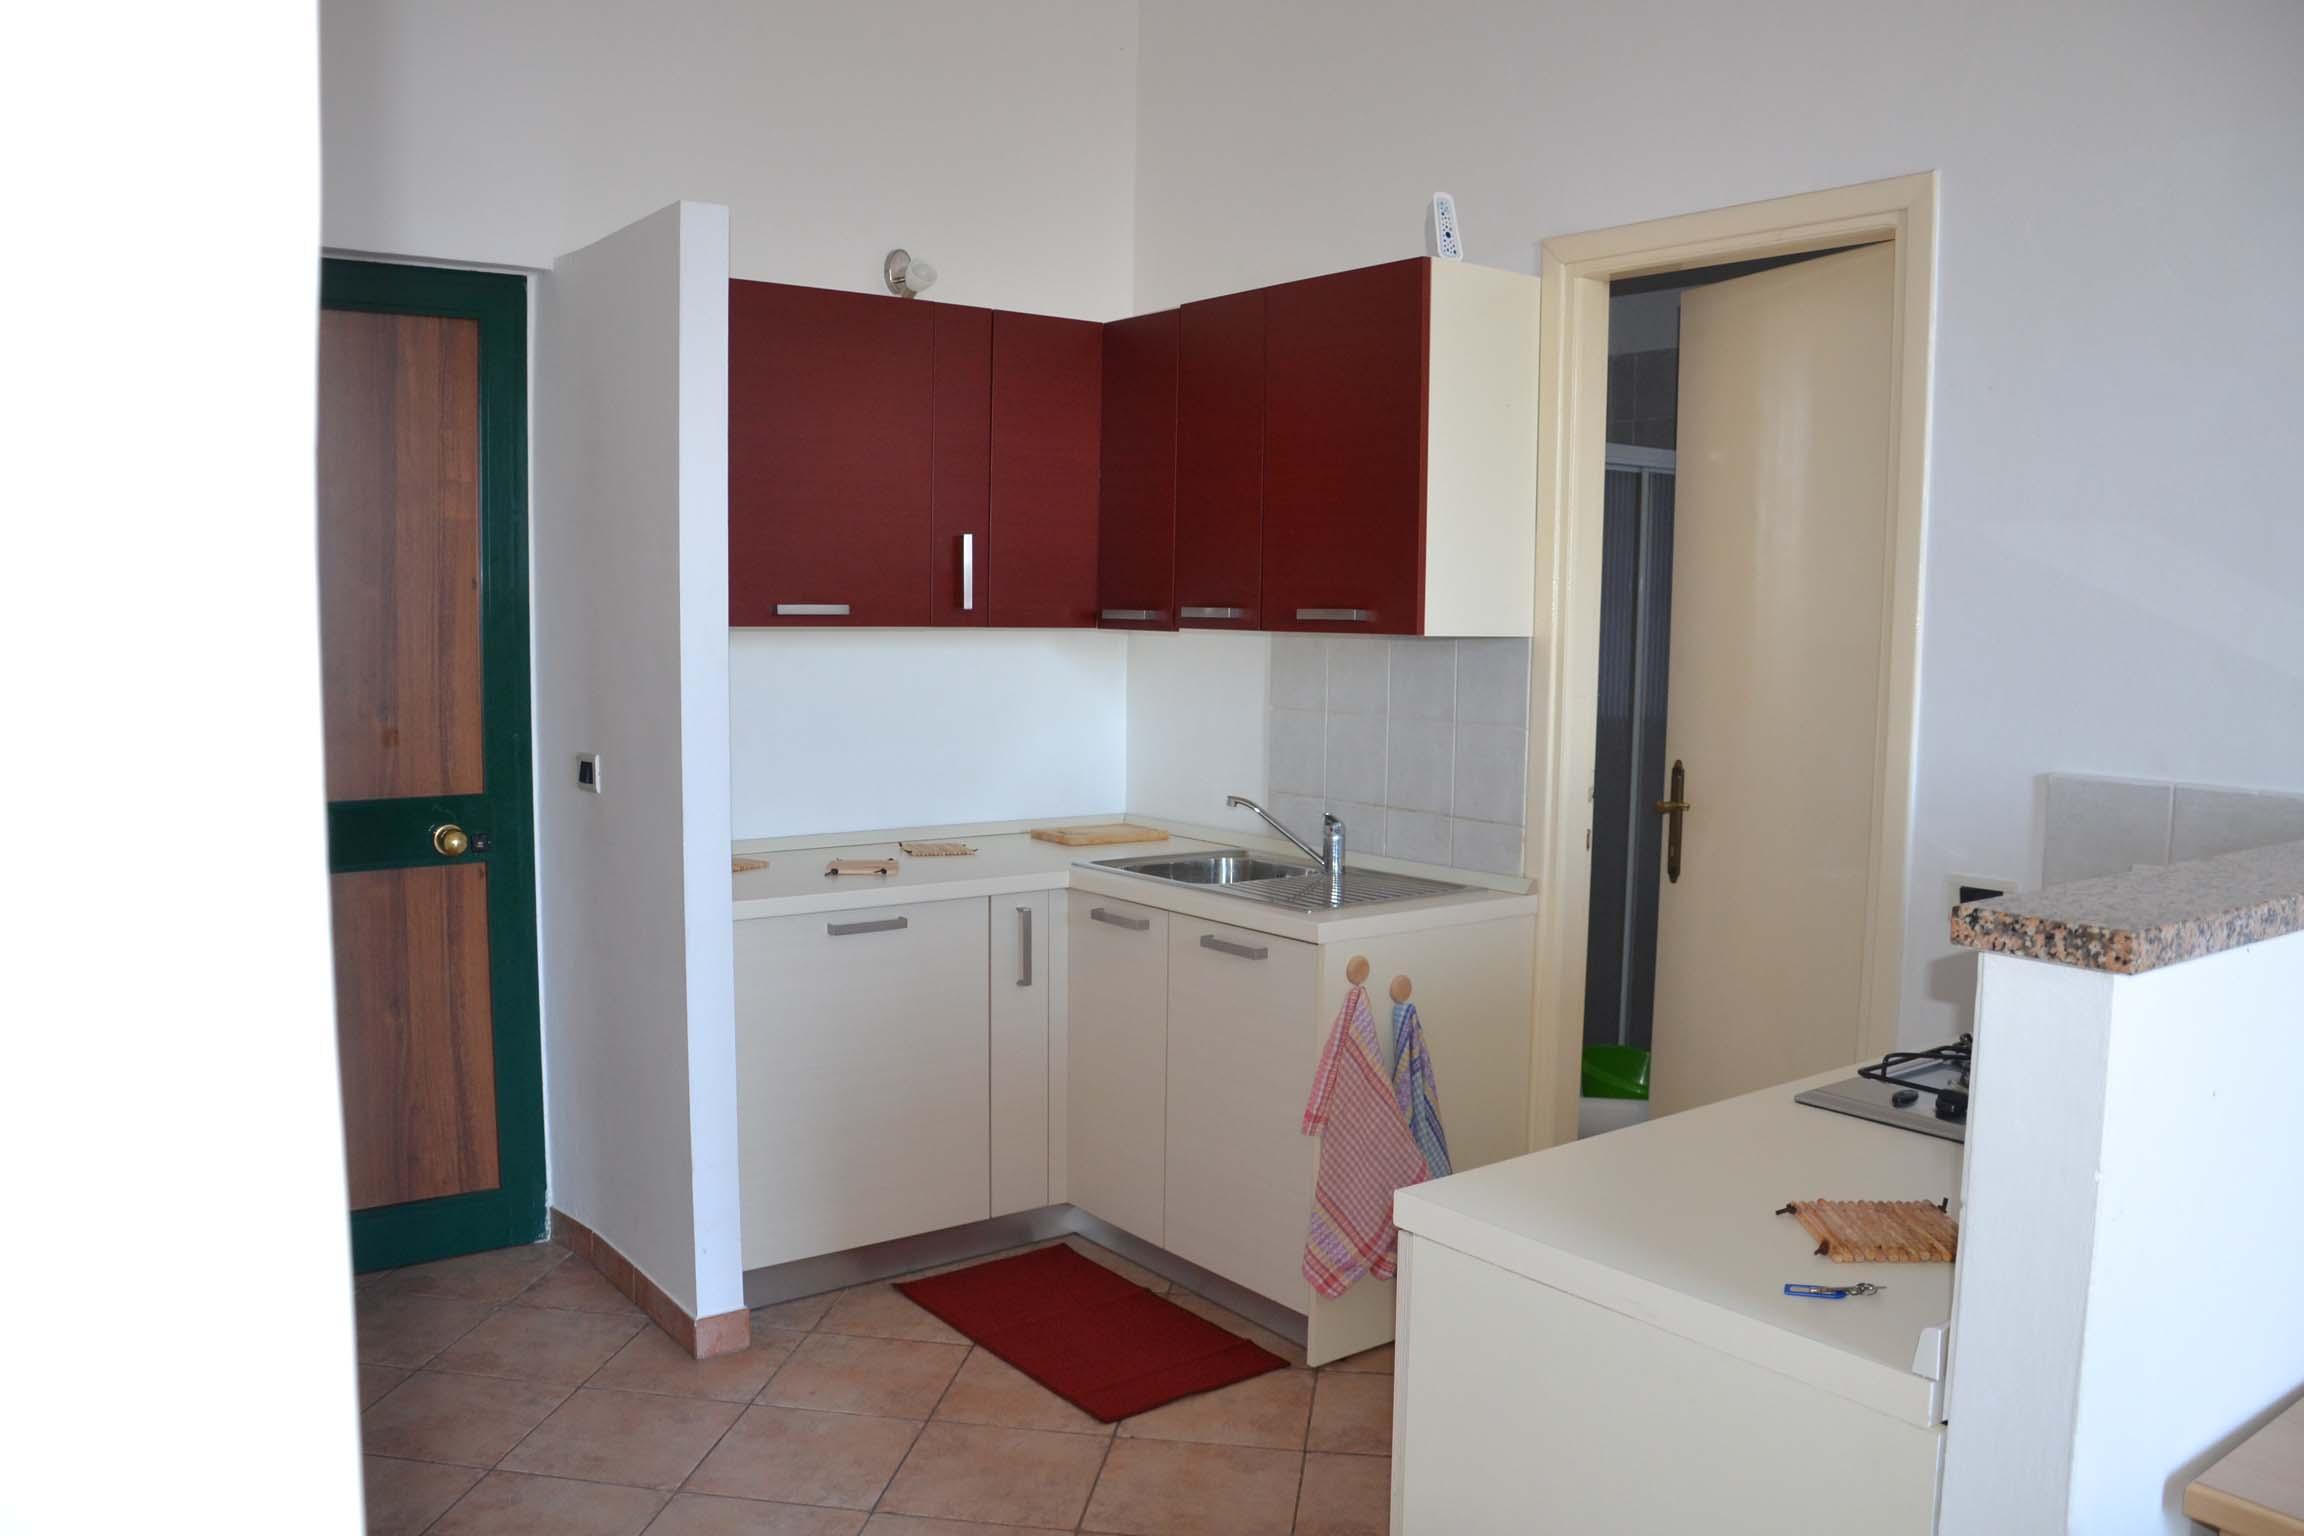 Affitto Appartamento Mare Riva Ligure